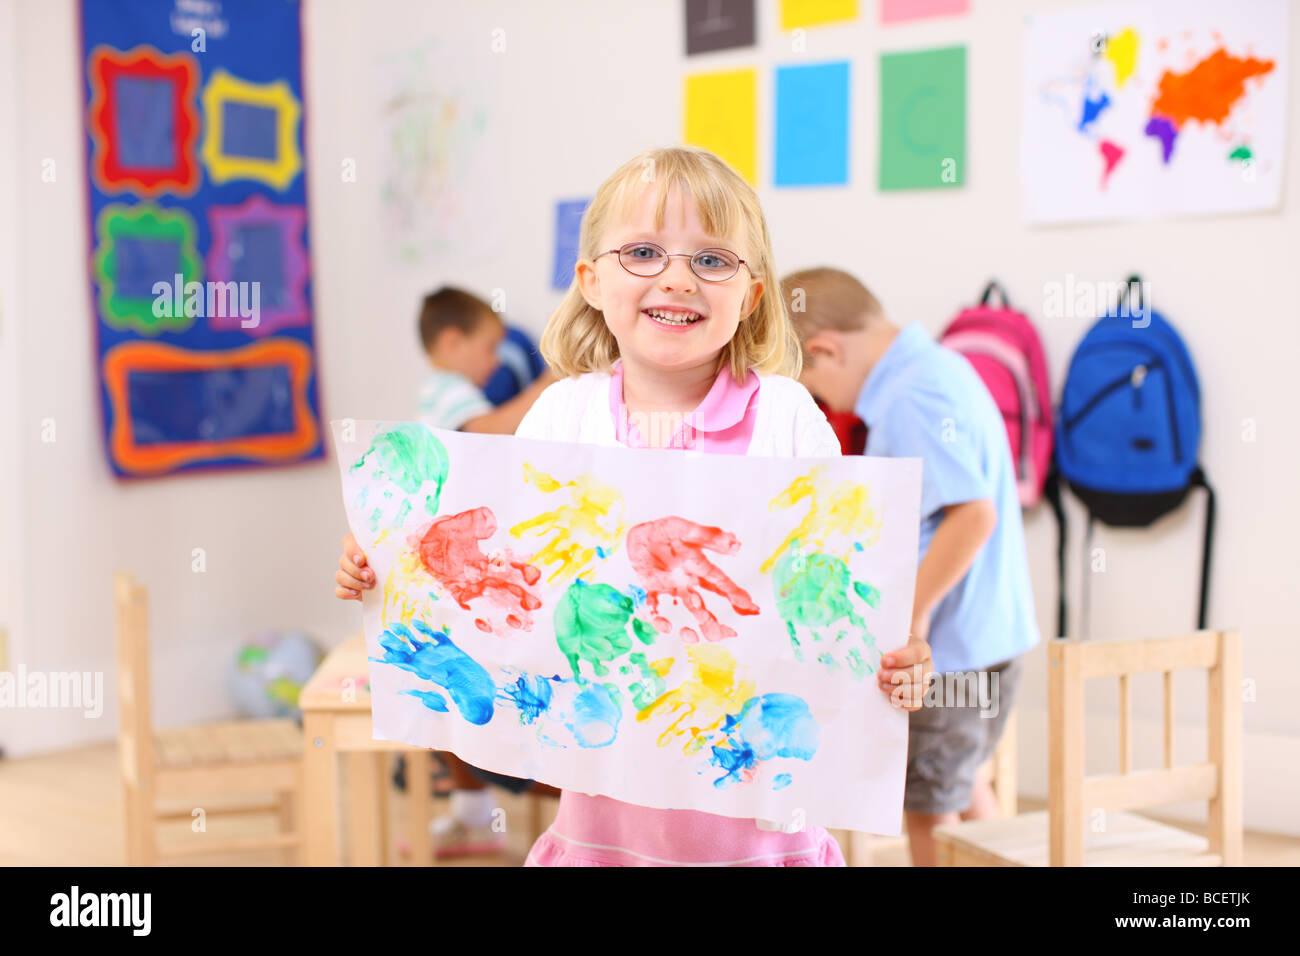 Preschool girl holding up artwork - Stock Image